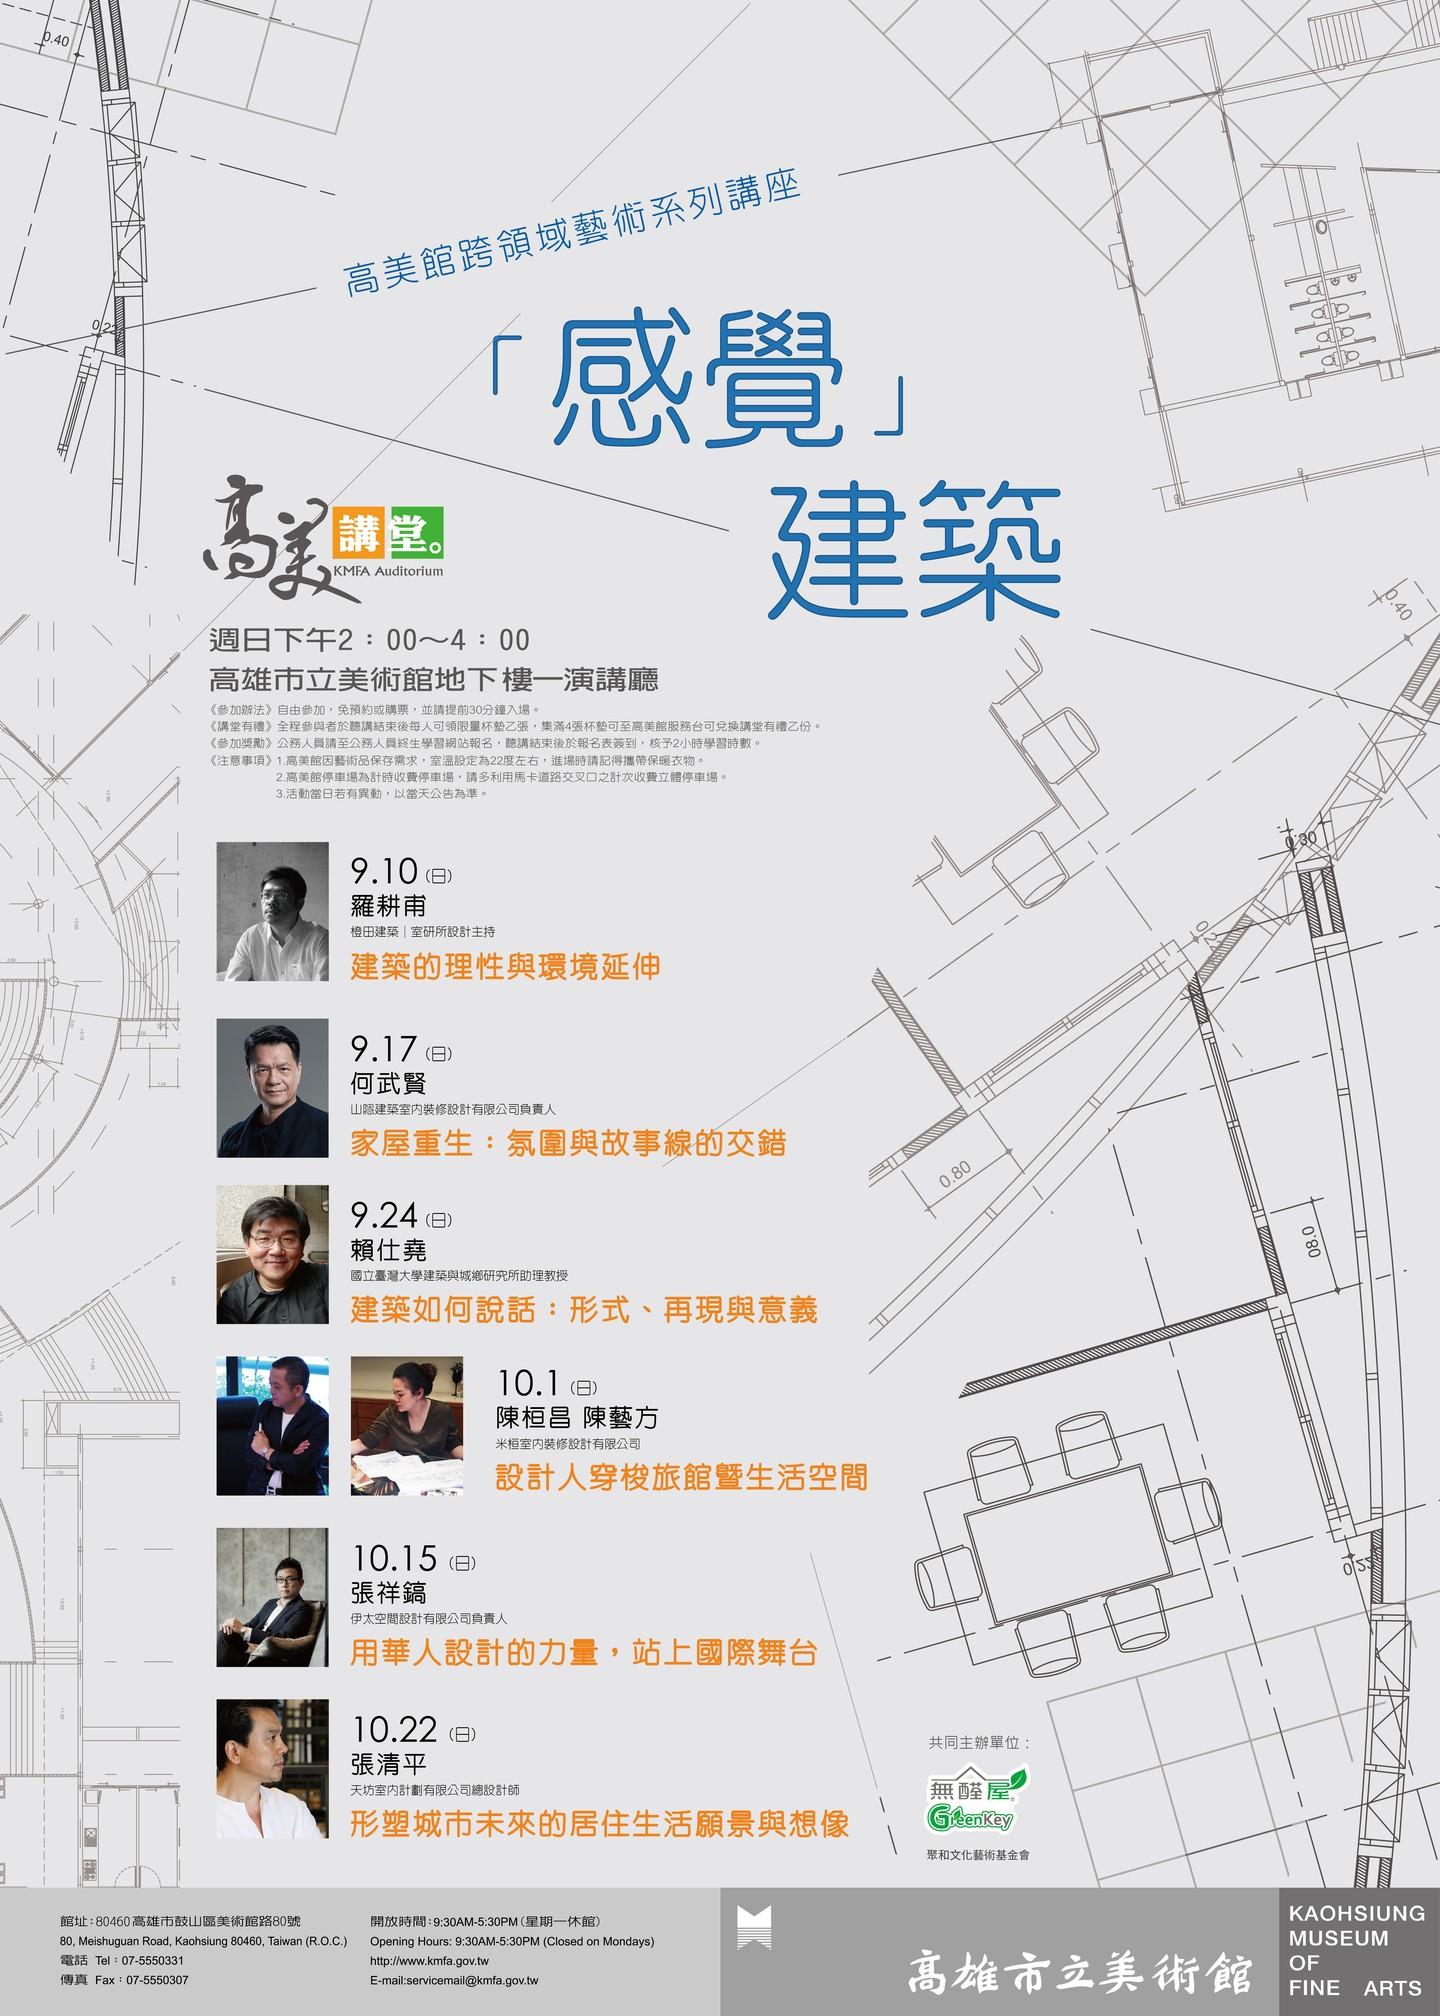 高美講堂活動-感覺建築系列講座,歡迎市民朋友踴躍參加!